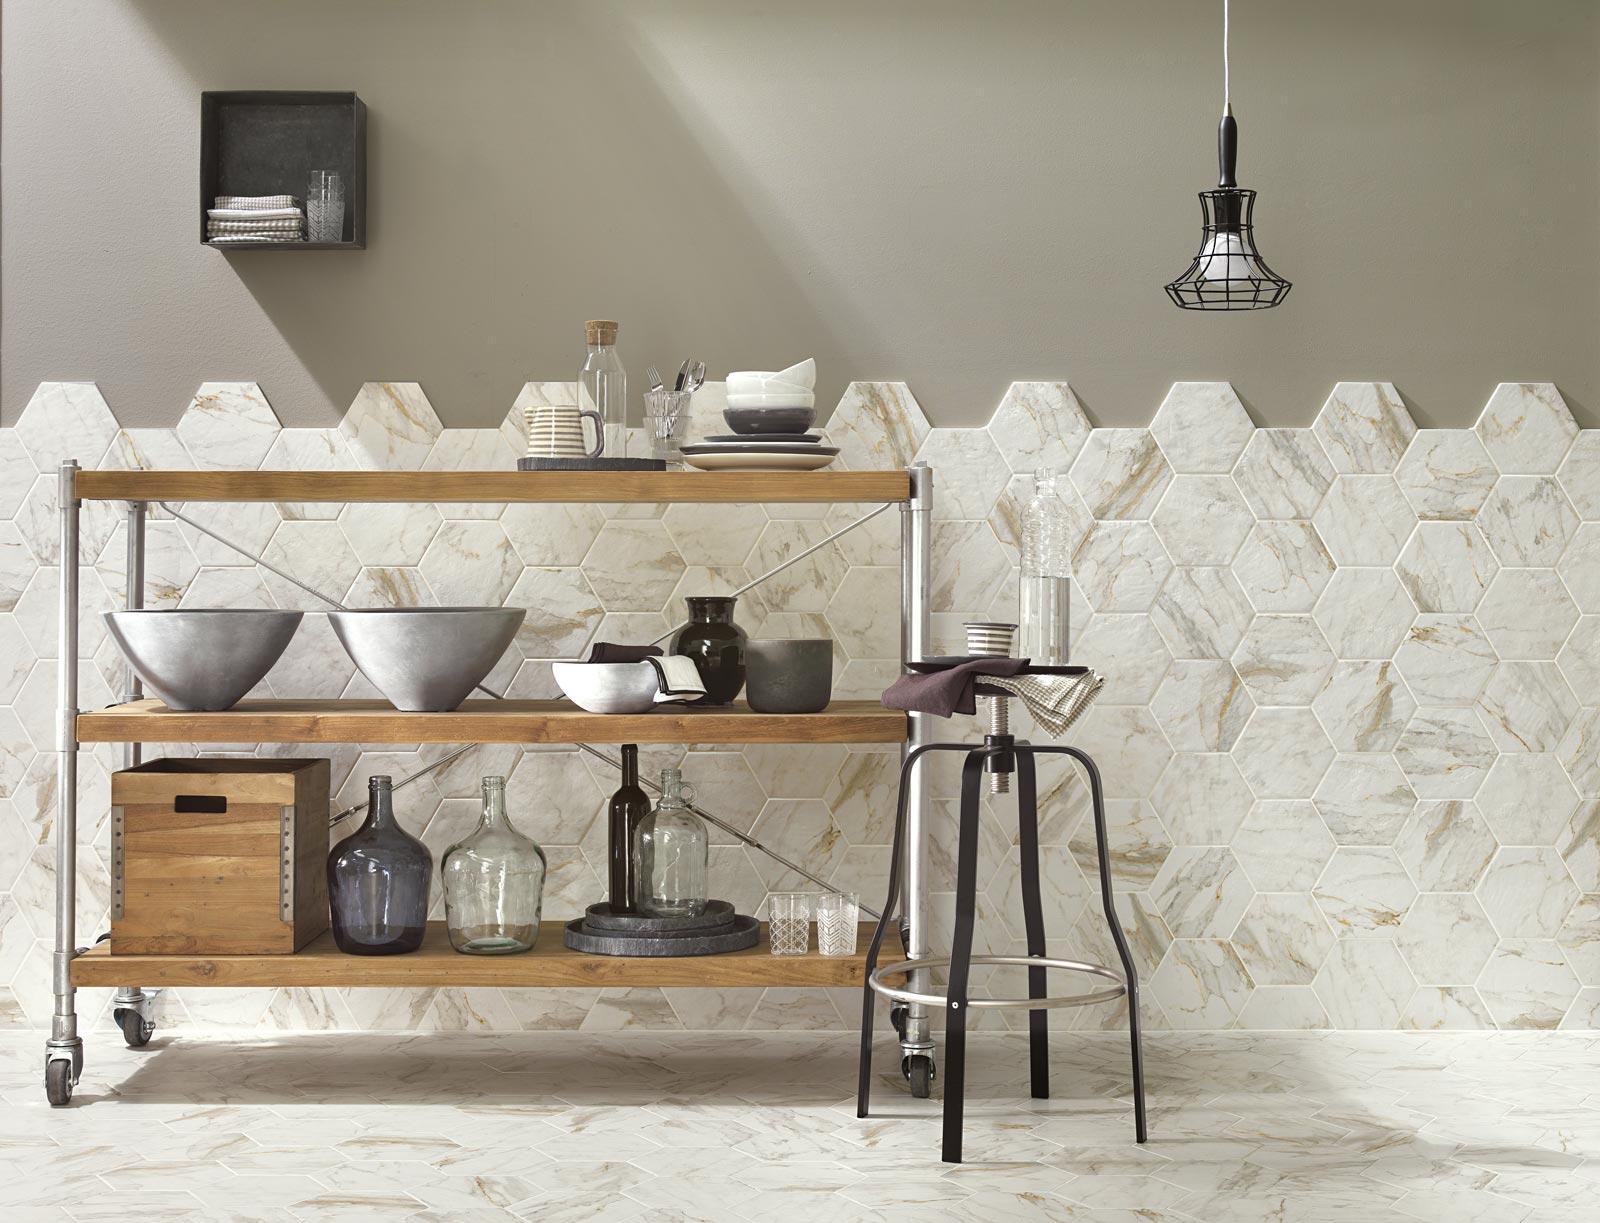 Piastrelle Cucina Gres Porcellanato : Mattonelle cucina gres ...